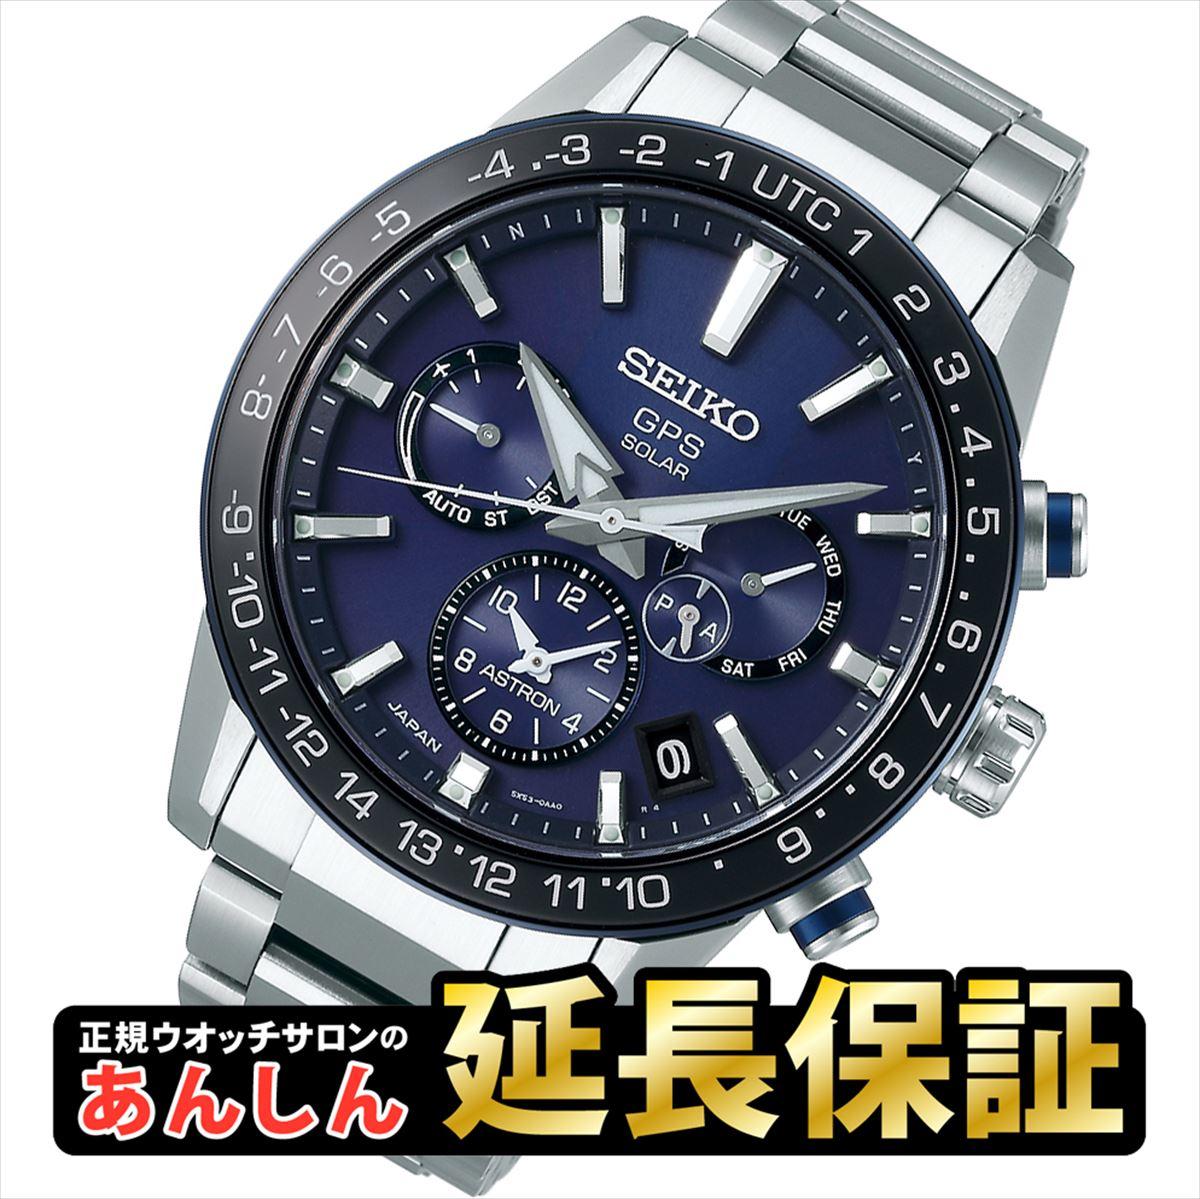 【2,000円OFFマラソンクーポン!9日20時から】セイコー アストロン 5Xシリーズ ステンレスモデル SBXC015 GPSソーラー メンズ 腕時計 SEIKO ASTRON 【0419】_10spl※4月19日発売予定